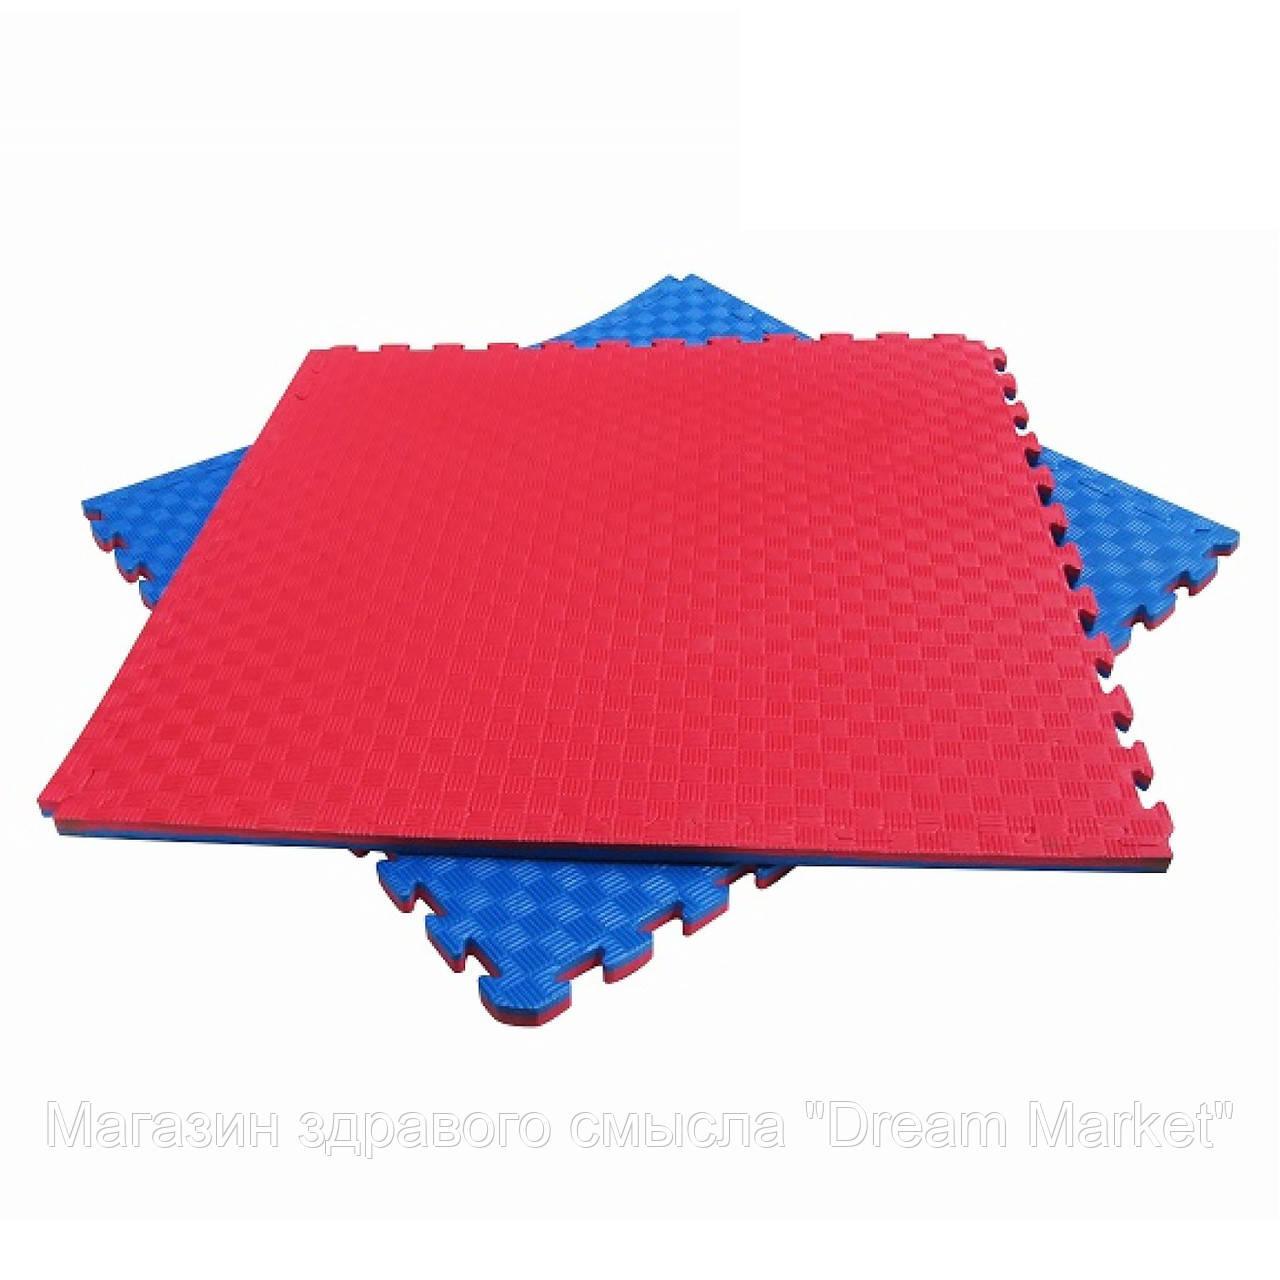 Мат Татамі Ластівчин хвіст м'яке покриття-пазл для спортивних залів, майданчиків, до 100 кг, з EVA 100х100х2.5 см